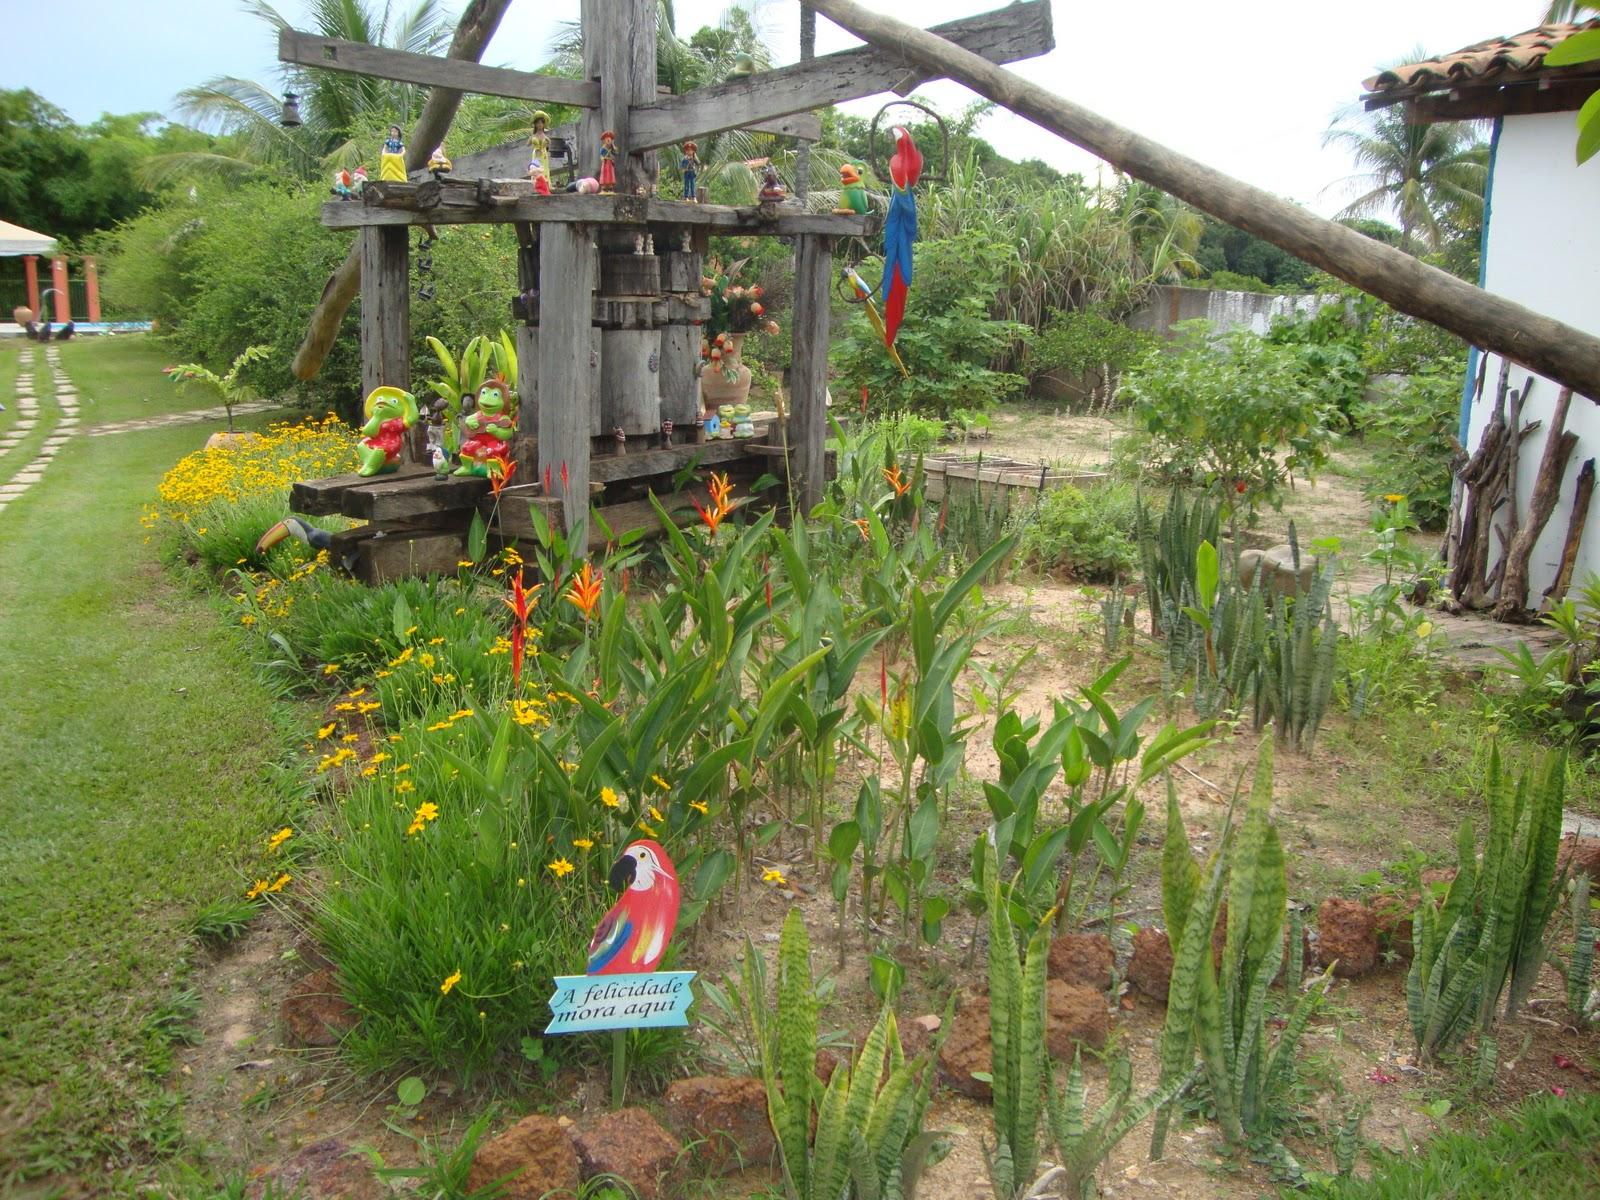 jardim fundo quintal : jardim fundo quintal:Luciana Ebeling: Simolândia: Pousada Fundo de Quintal